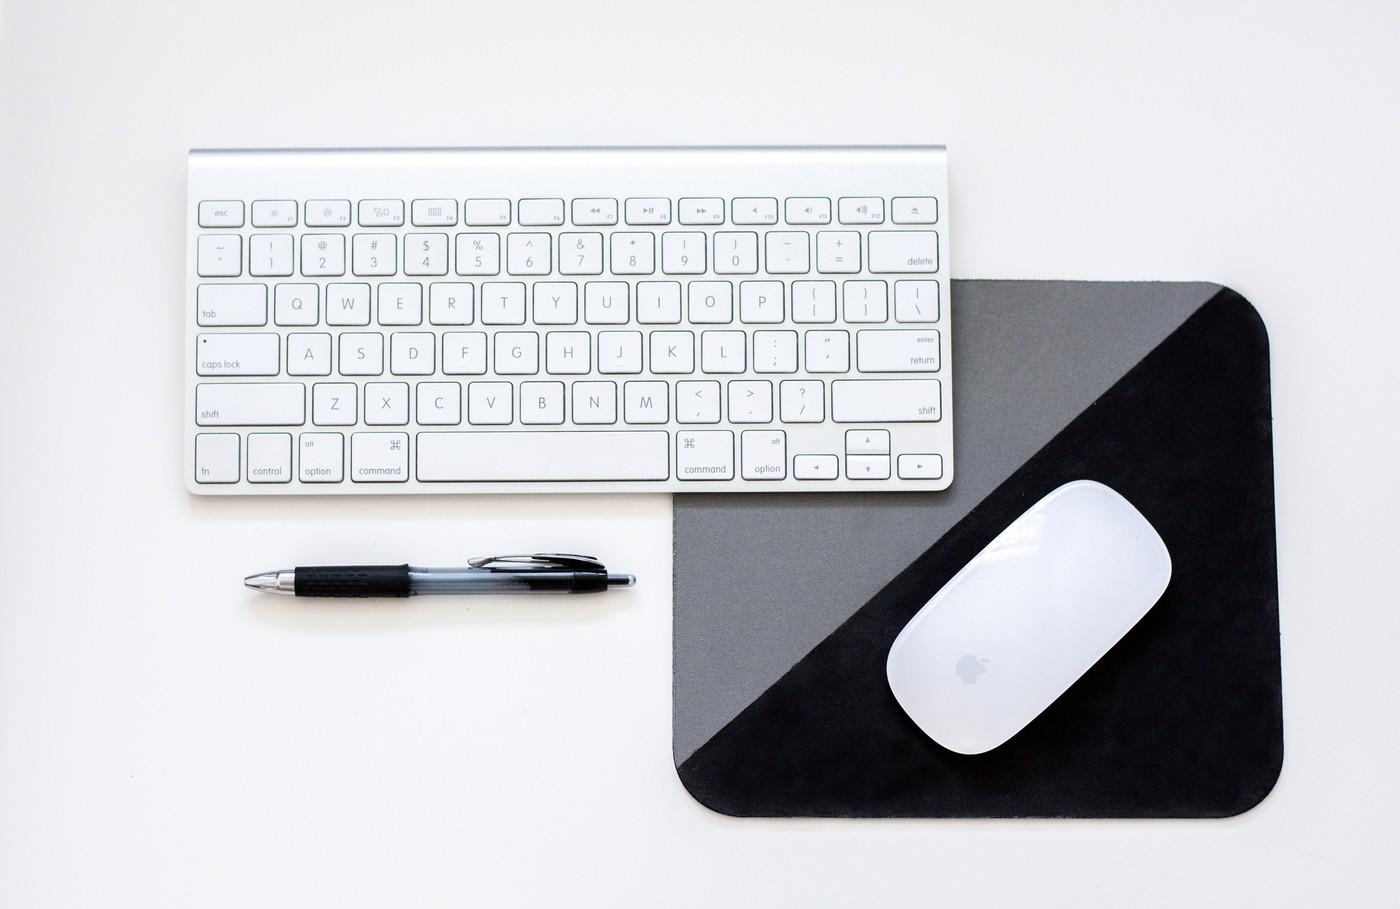 薄膜鍵盤、機械鍵盤,它們的原理到底哪裡不一樣?